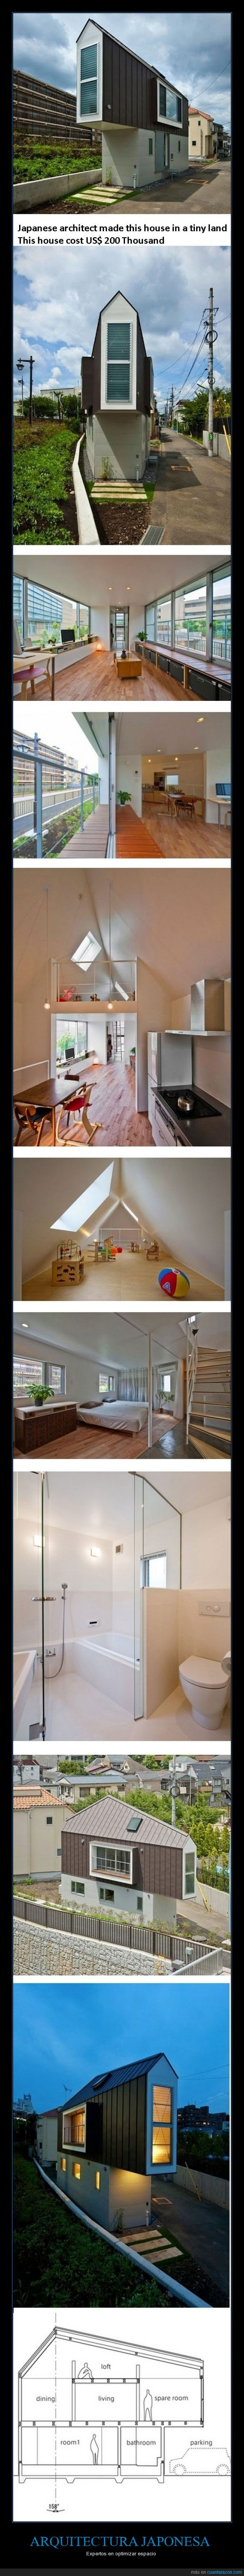 arquitecto,arquitectura,casa,espacio,estrecha,forma,japon,lujo,solo ricos,super casa,yo quiero esa casa